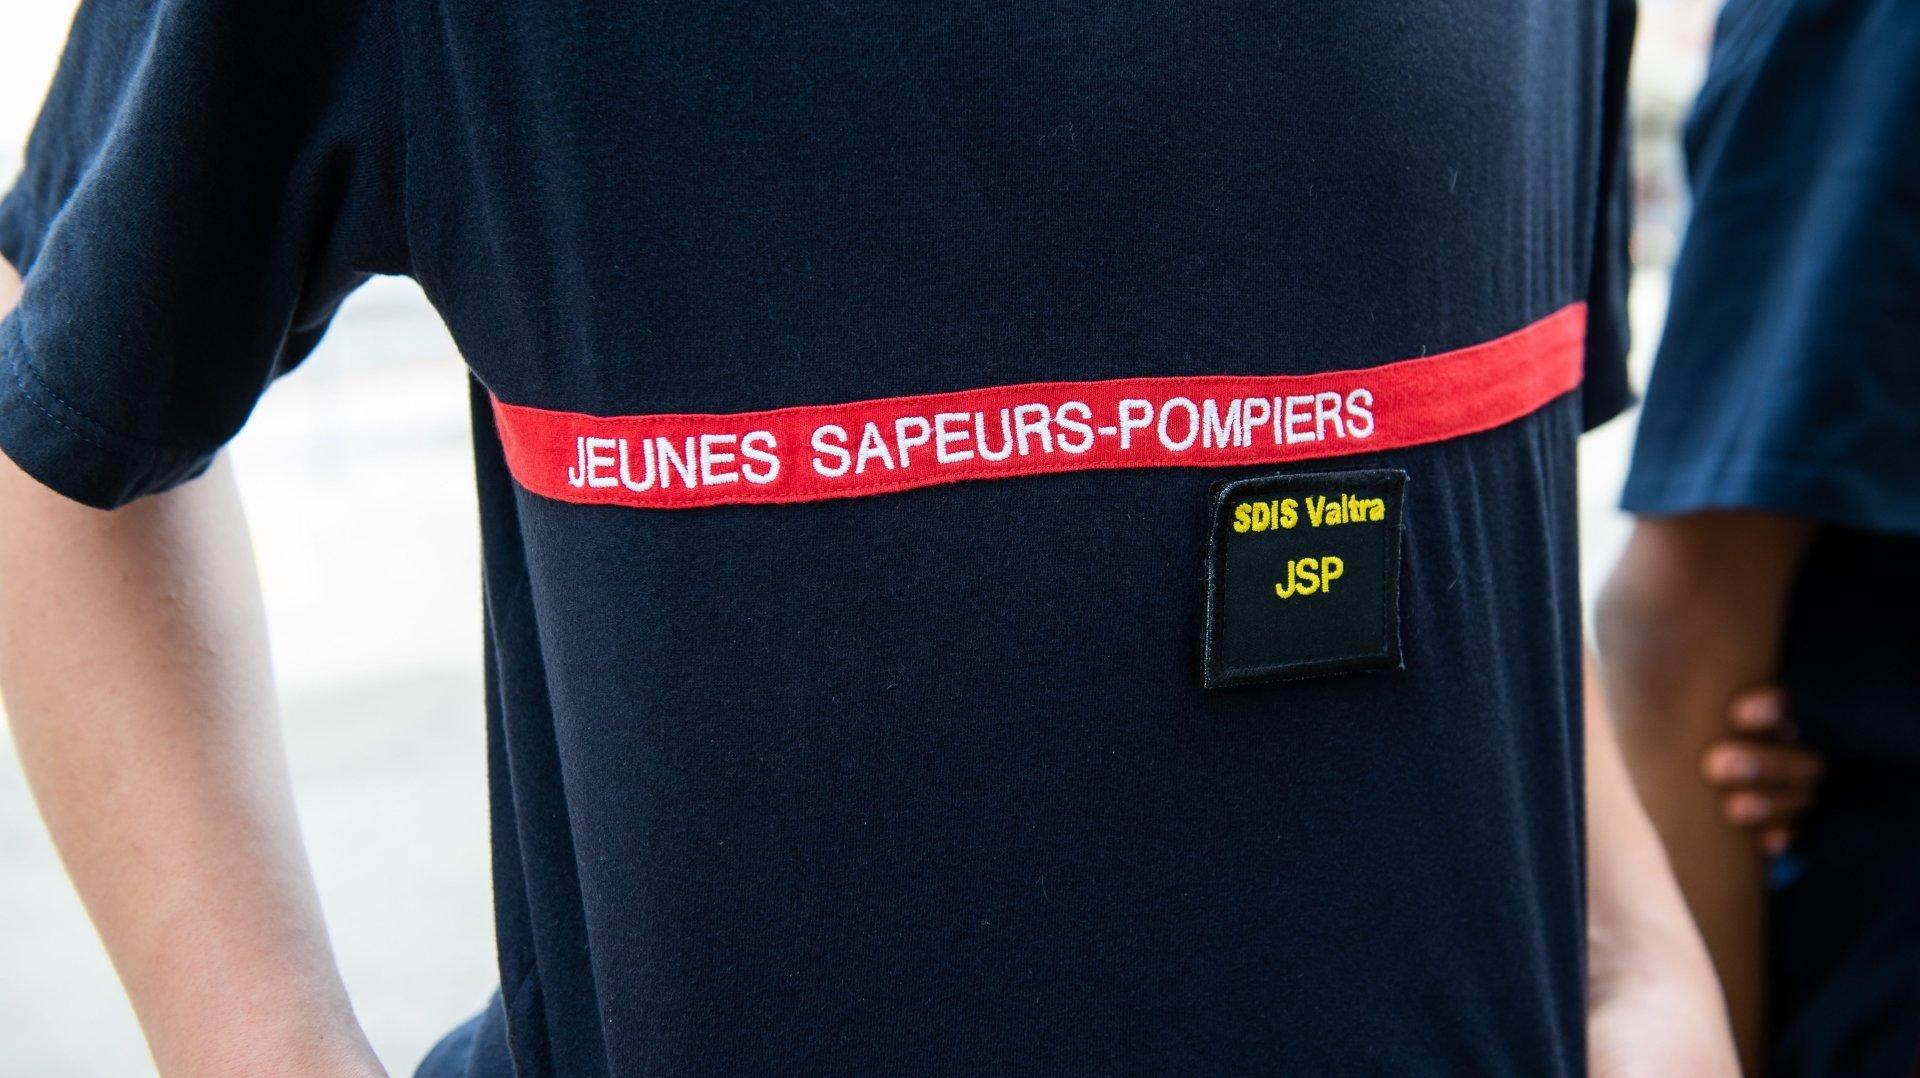 Les sapeurs-pompiers recrutent